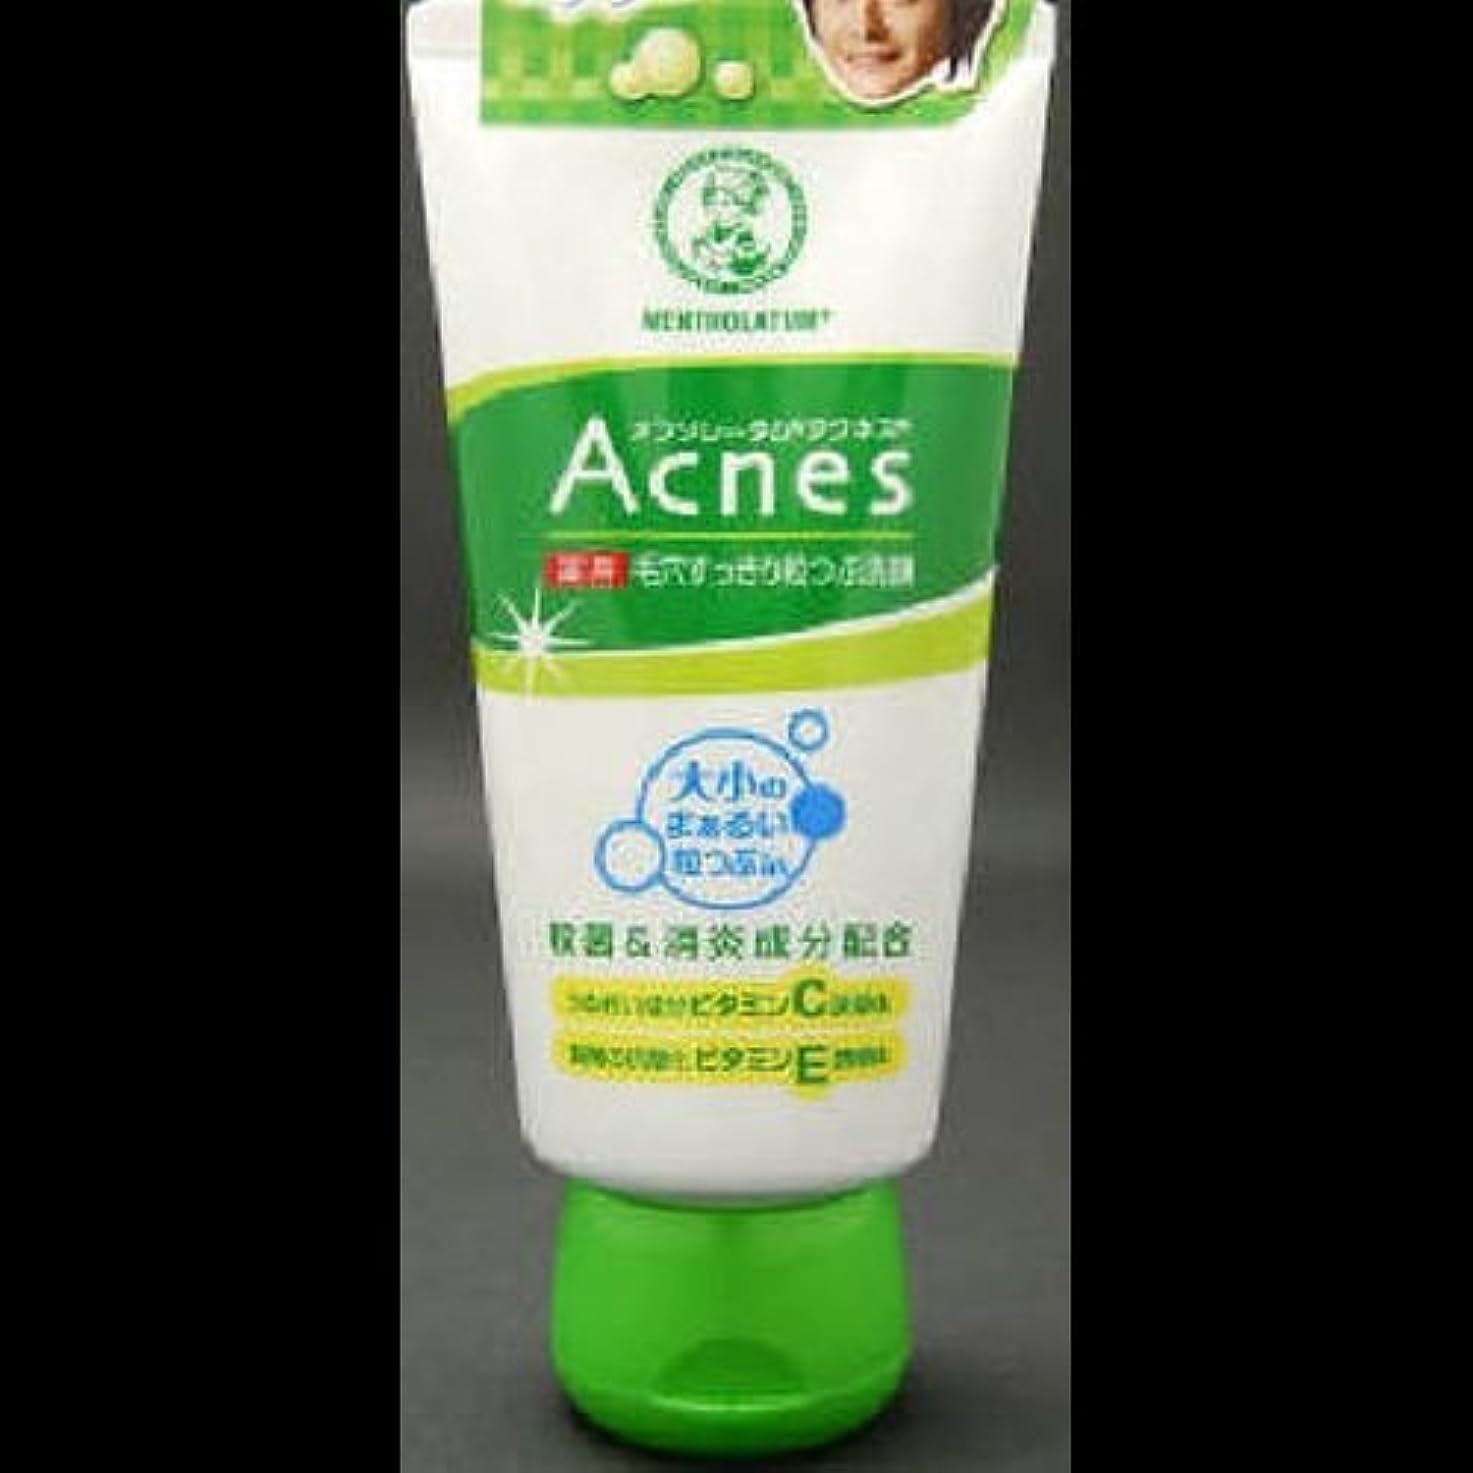 ダブル静脈知覚【まとめ買い】メンソレータム アクネス 薬用 毛穴 すっきり 粒つぶ 洗顔 ×2セット